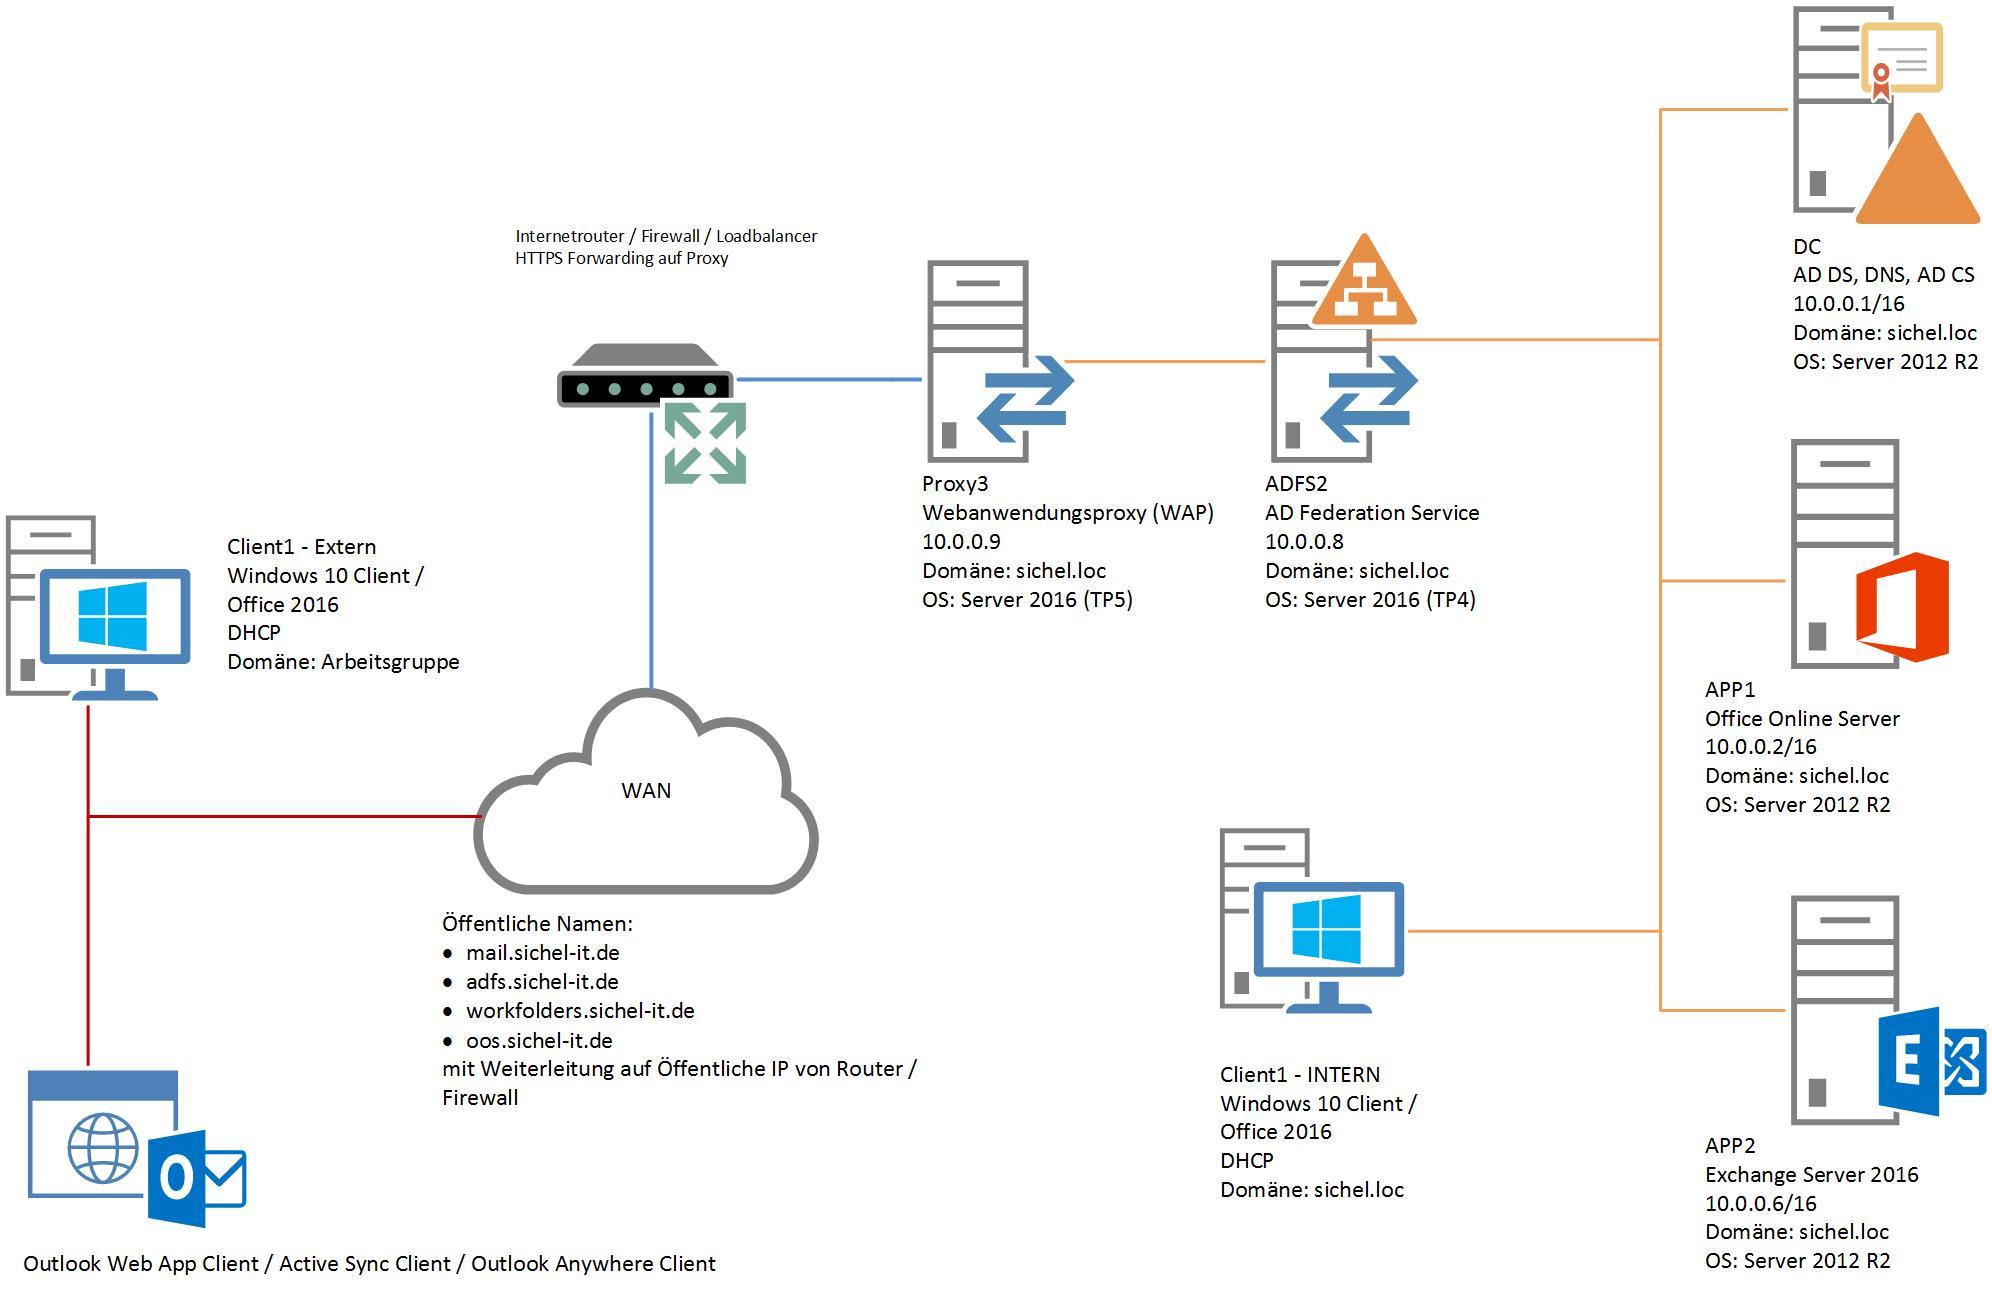 Office Online Server Und Exchange 2016 Serveraufbau